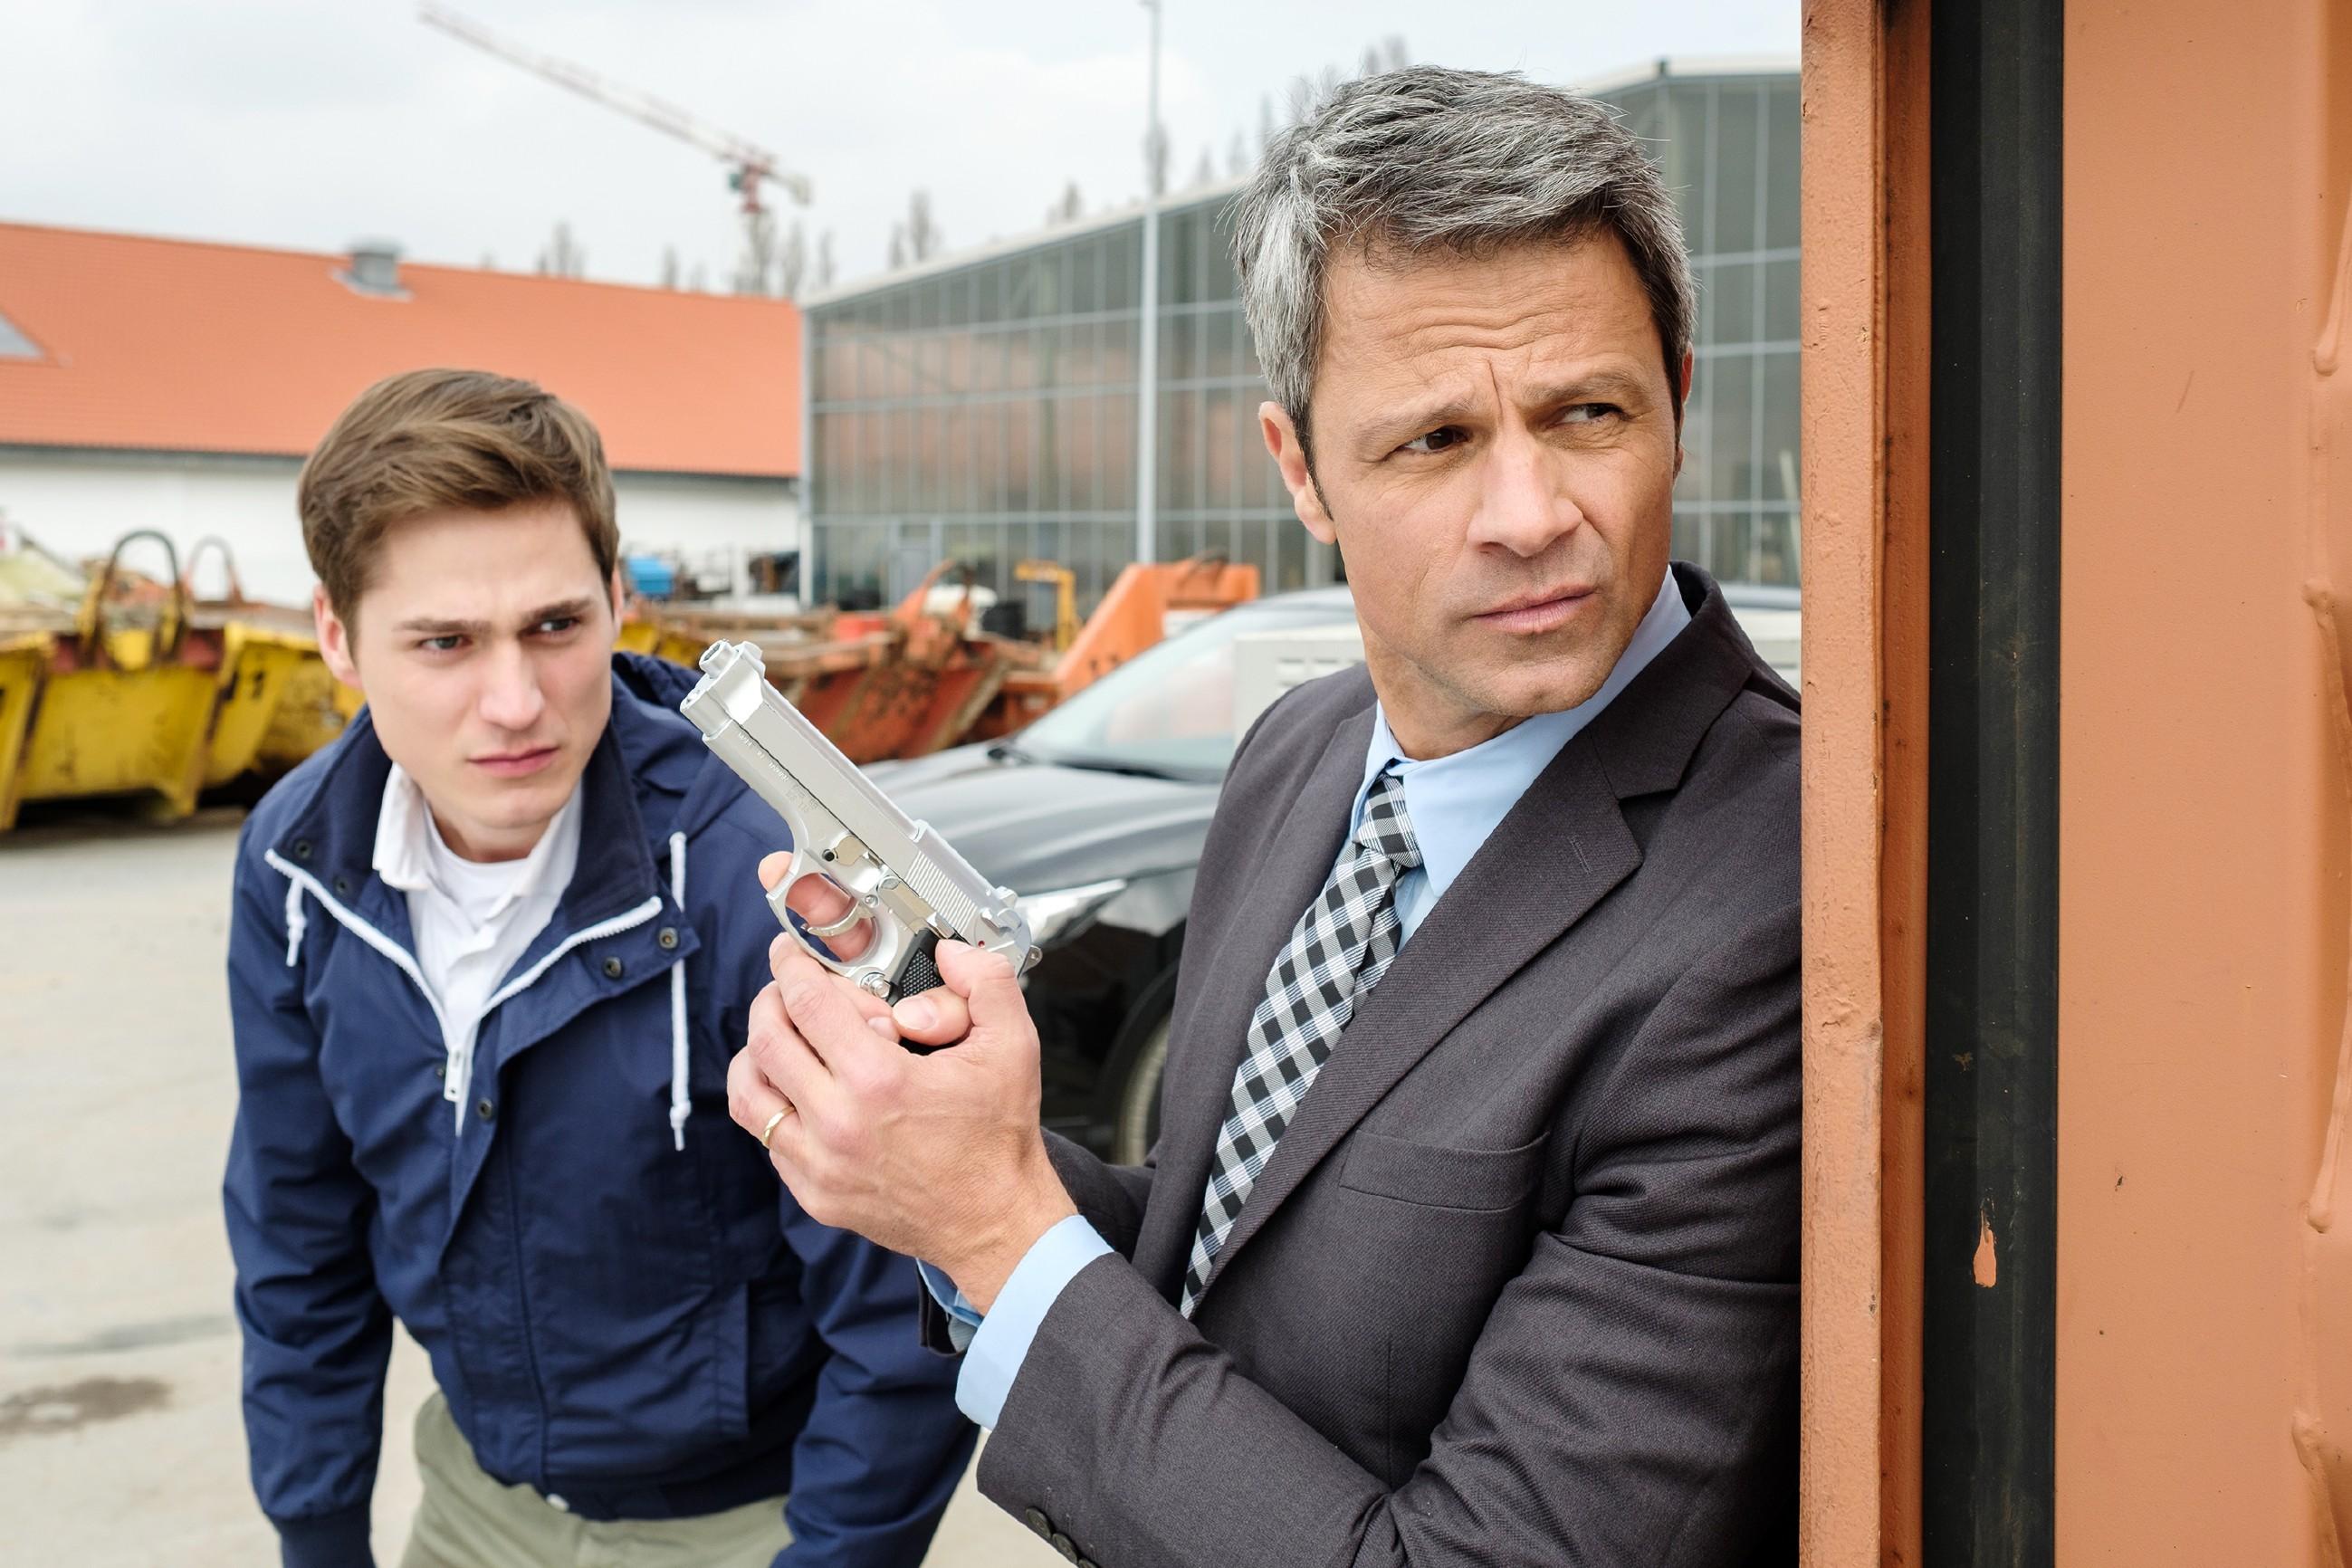 Benedikt (Jens Hajek, r.) und Ringo (Timothy Boldt) erkennen erschrocken, dass Langer den Kronzeugen Kurz schon überwältigt hat... (Quelle: RTL / Stefan Behrens)